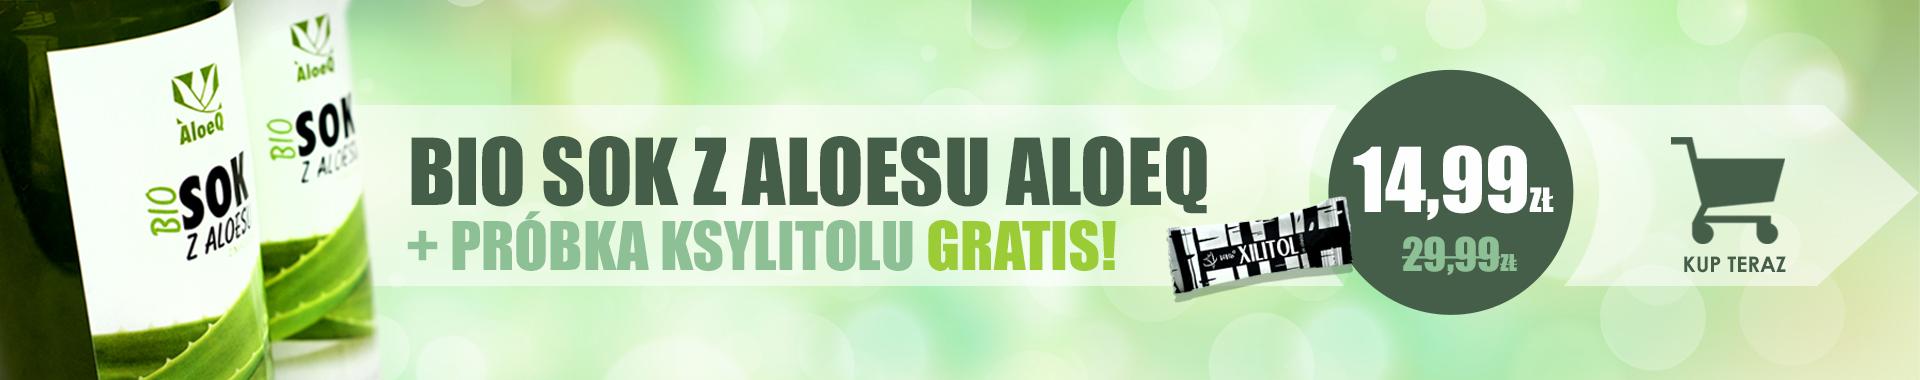 SOK Z ALOESU + GRATIS